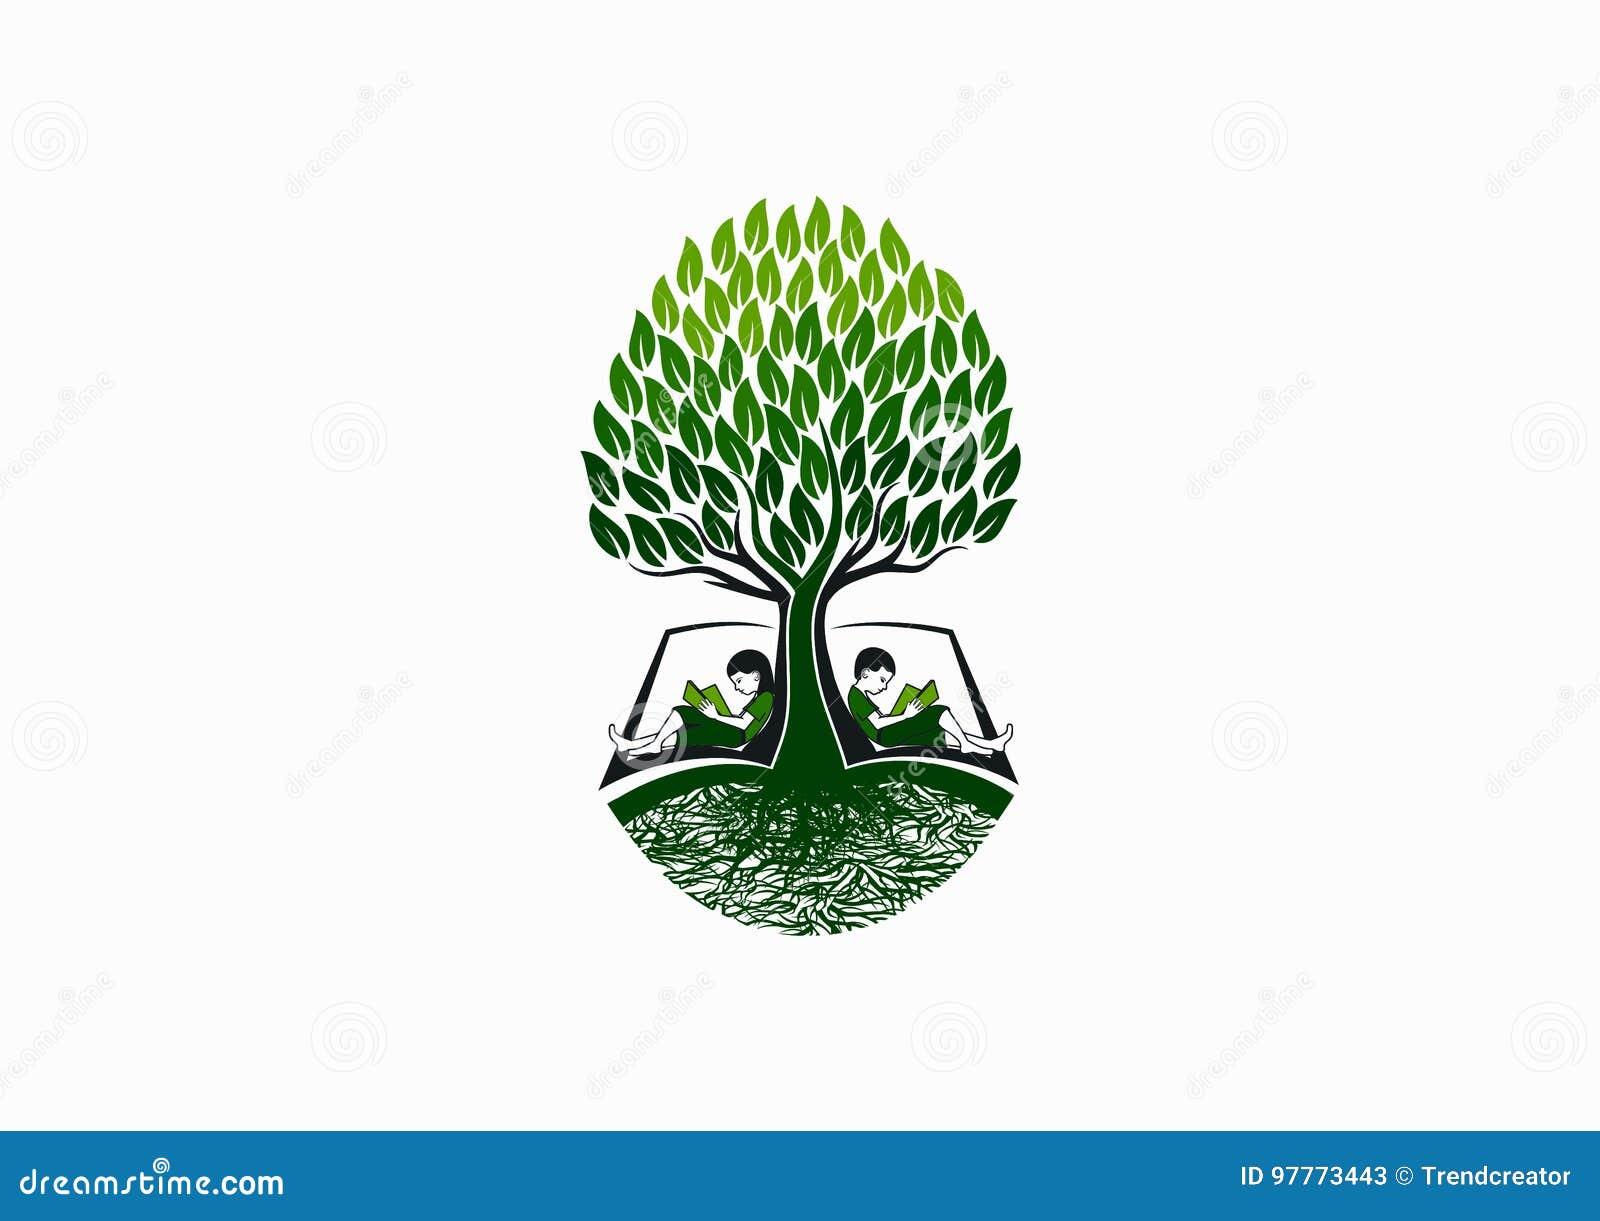 Λογότυπο εκπαίδευσης δέντρων, πρόωρο εικονίδιο αναγνωστών βιβλίων, σύμβολο σχολικής γνώσης και σχέδιο έννοιας μελέτης παιδικής ηλ